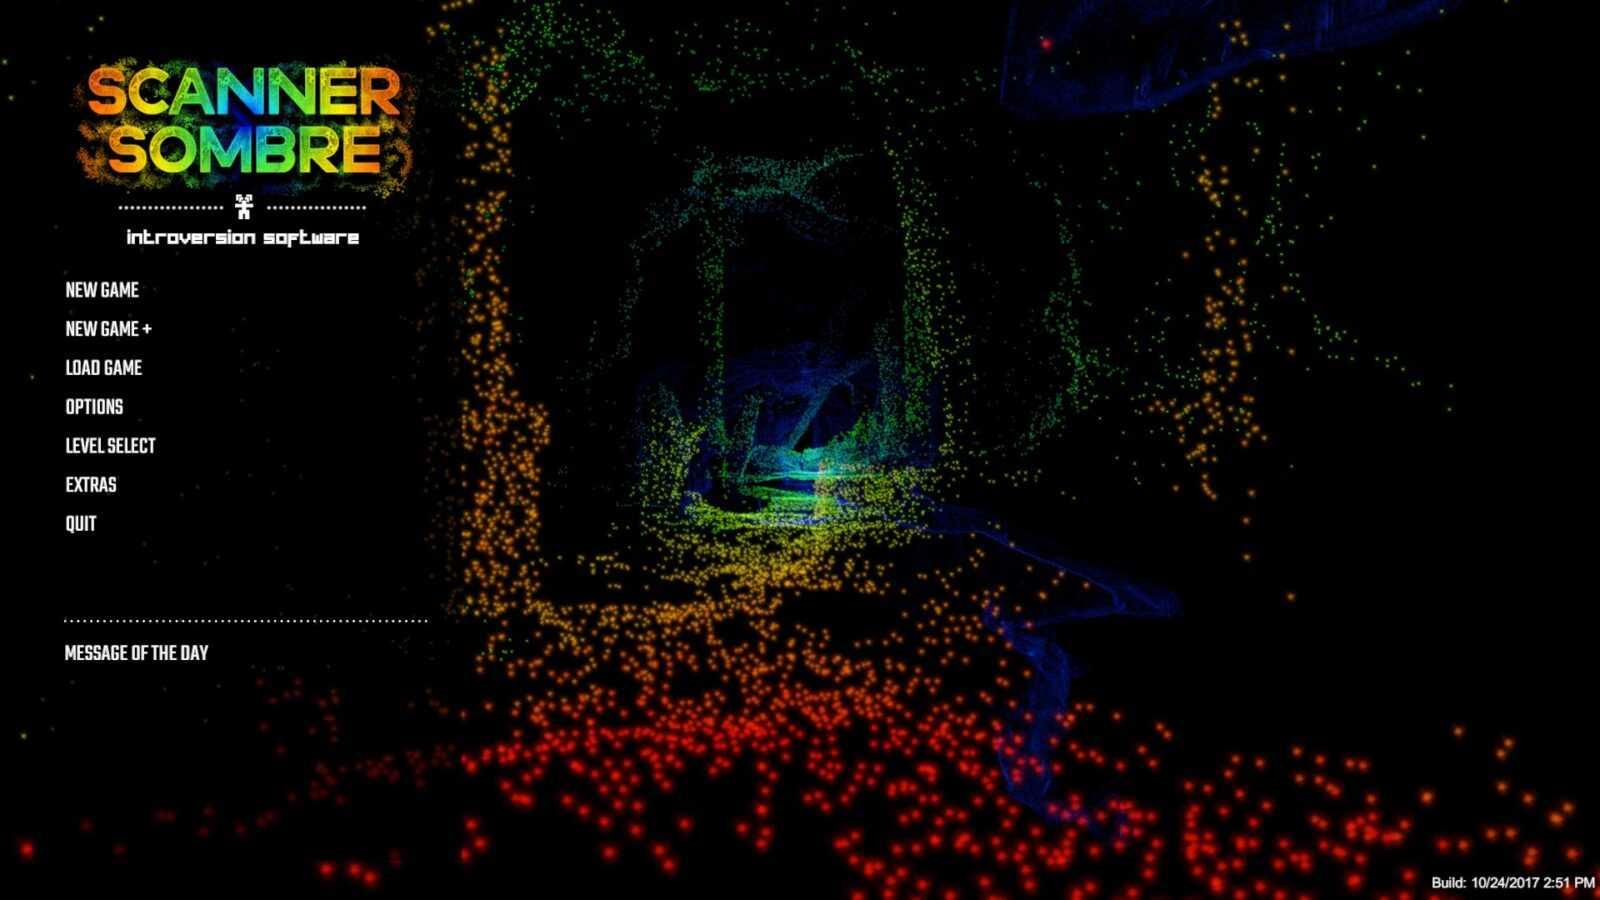 Обзор Scanner Sombre: ищем свет в конце тоннеля (20210404233426 1)